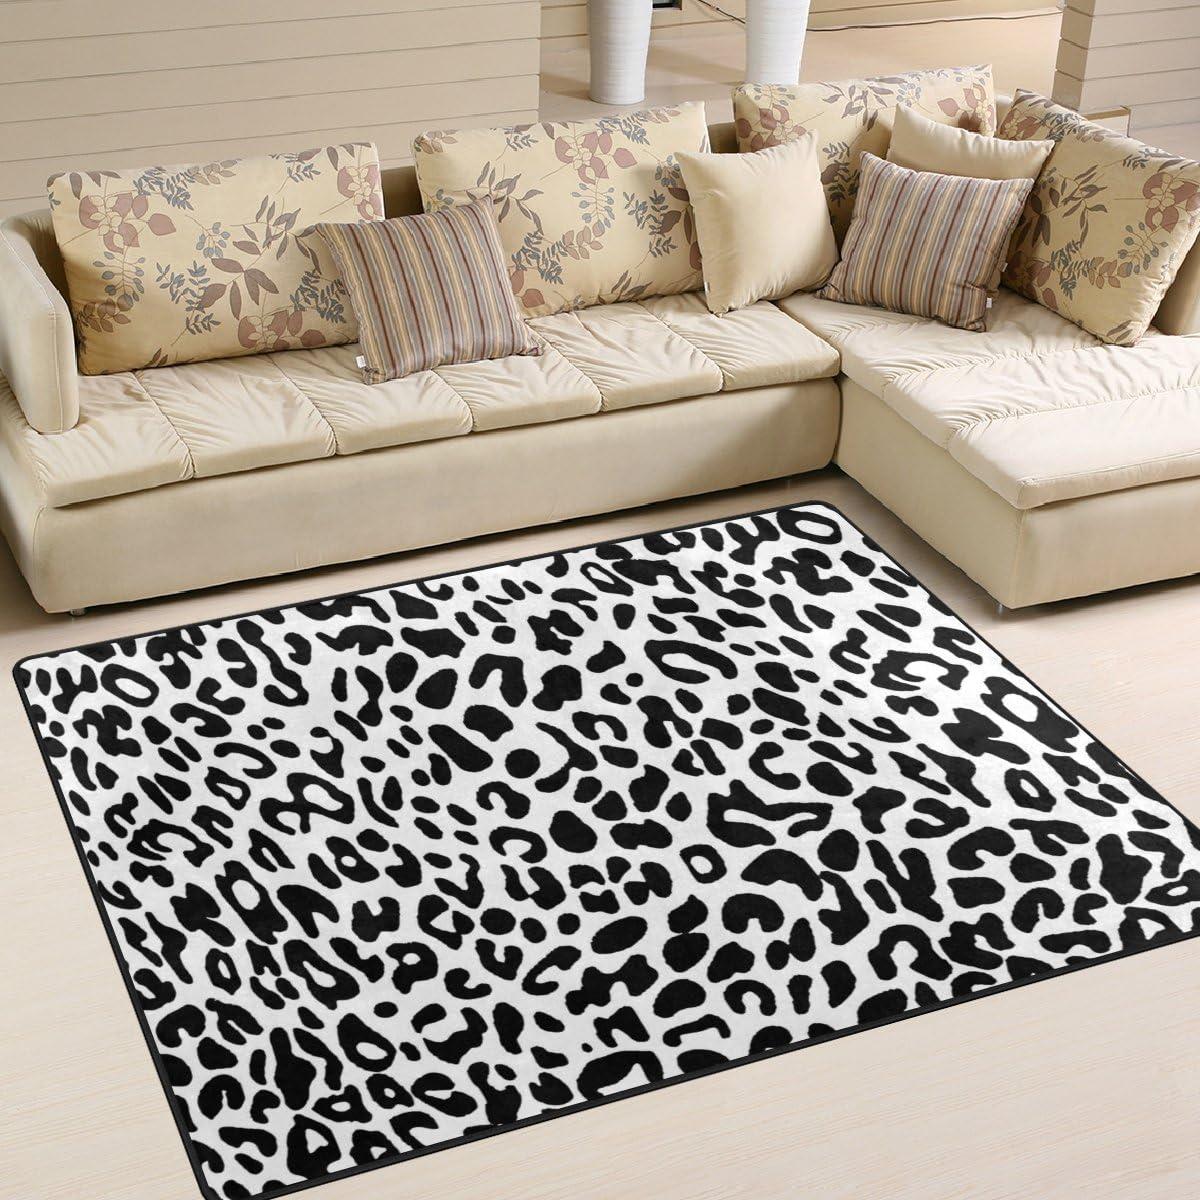 La Random Leopard Pattern Black And White Area Rug Decorative Shaggy Rugs 80×58 Inche